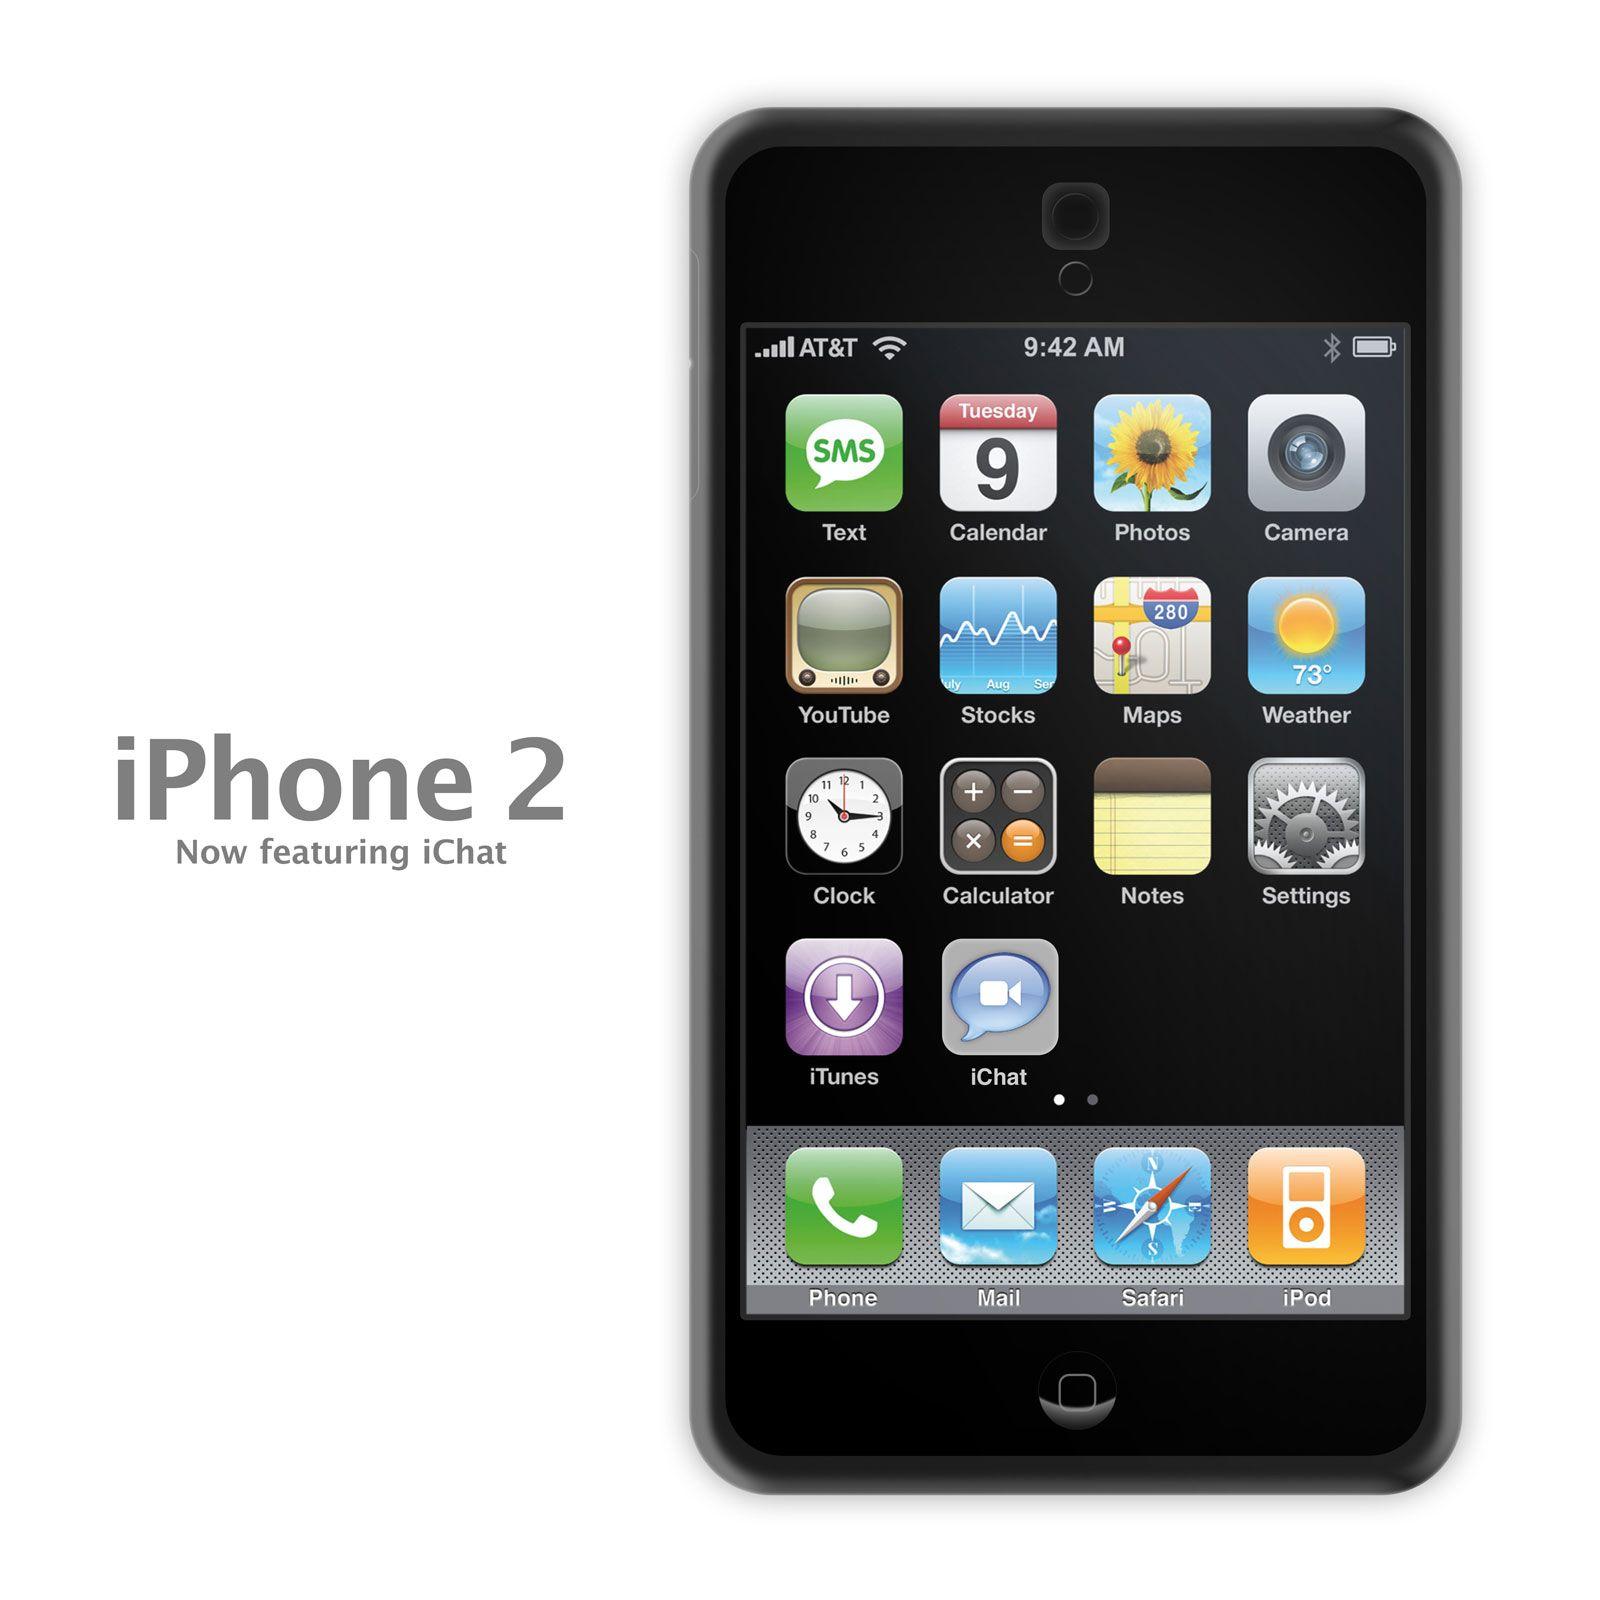 Iphone2 Iphone 2, Iphone, Blackberry